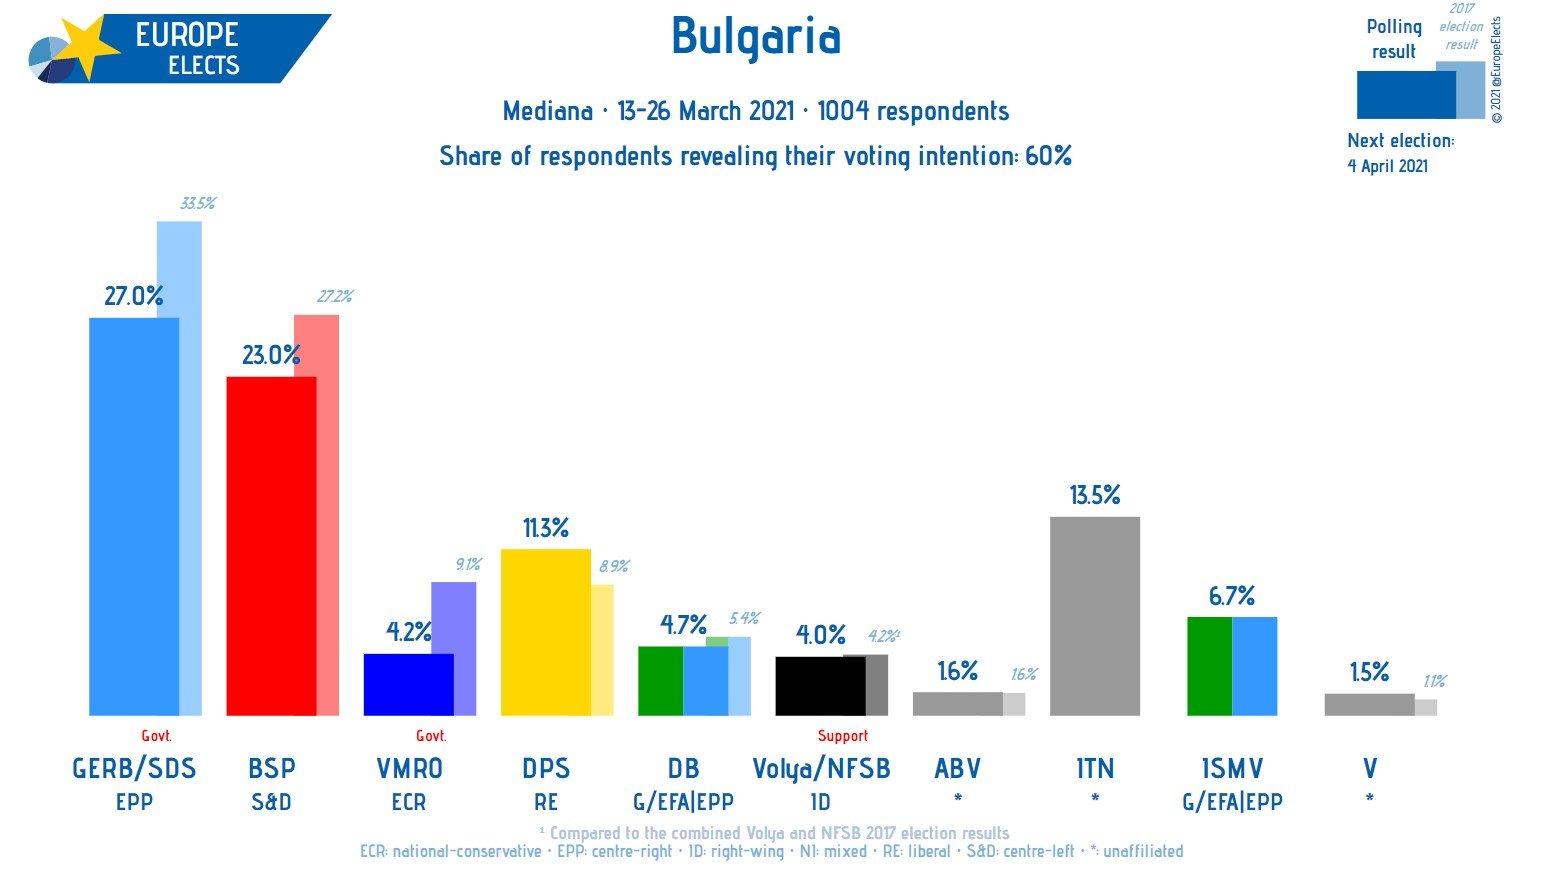 BANÁNKÖZTÁRSASÁG? Egy héttel a bolgár választások előtt sok kérdés megválaszolatlan bolgar elozetes